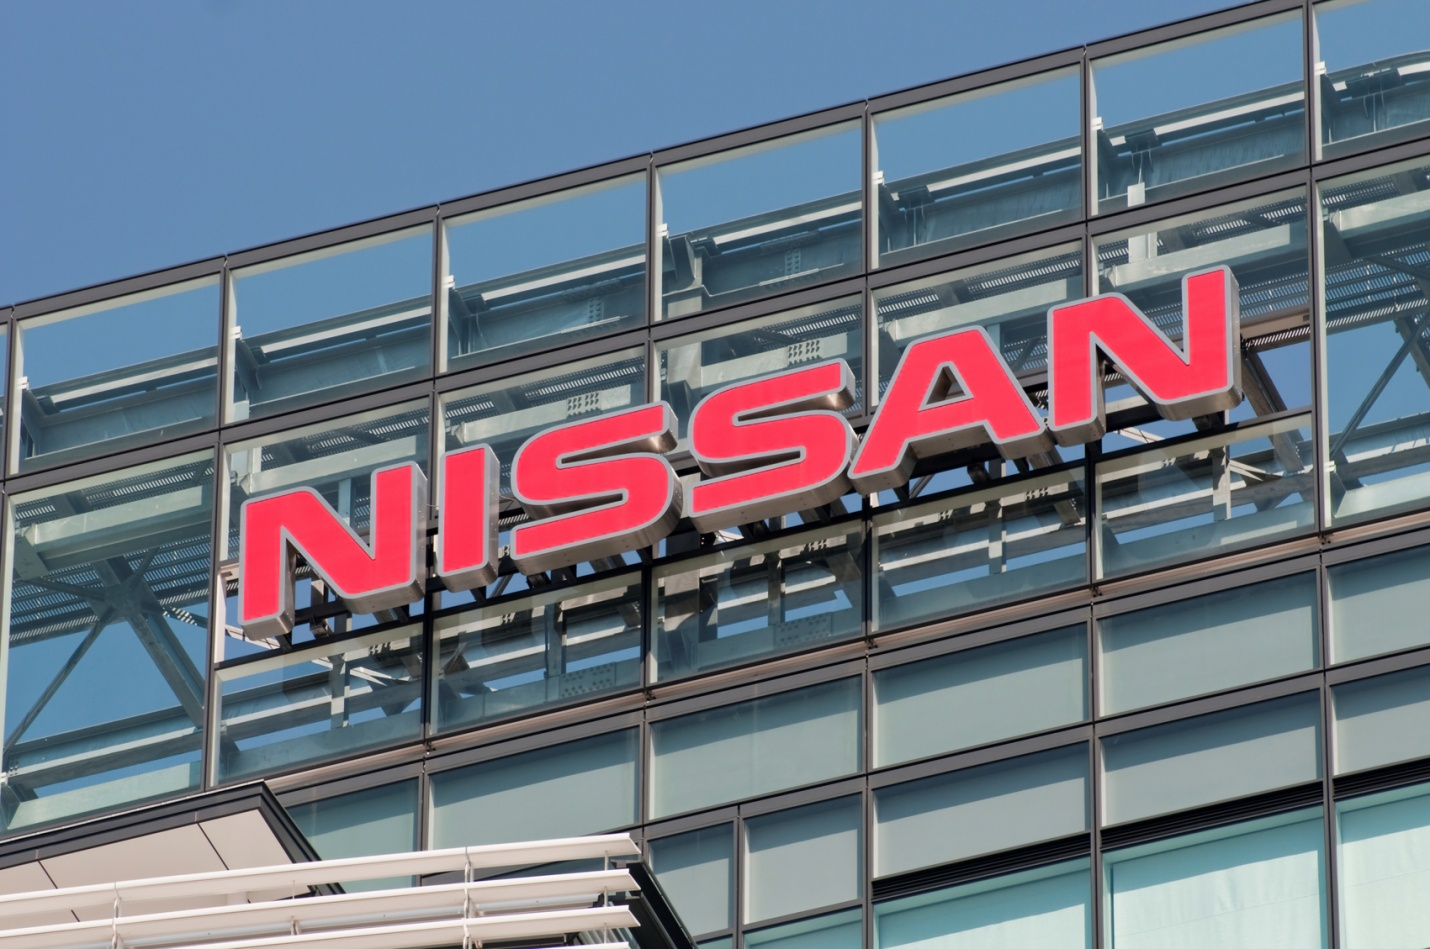 nissan-montre-son-ambition-de-revolutionner-lindustrie-en-presentant-son-nouveau-concept-100-electrique-et-connecte